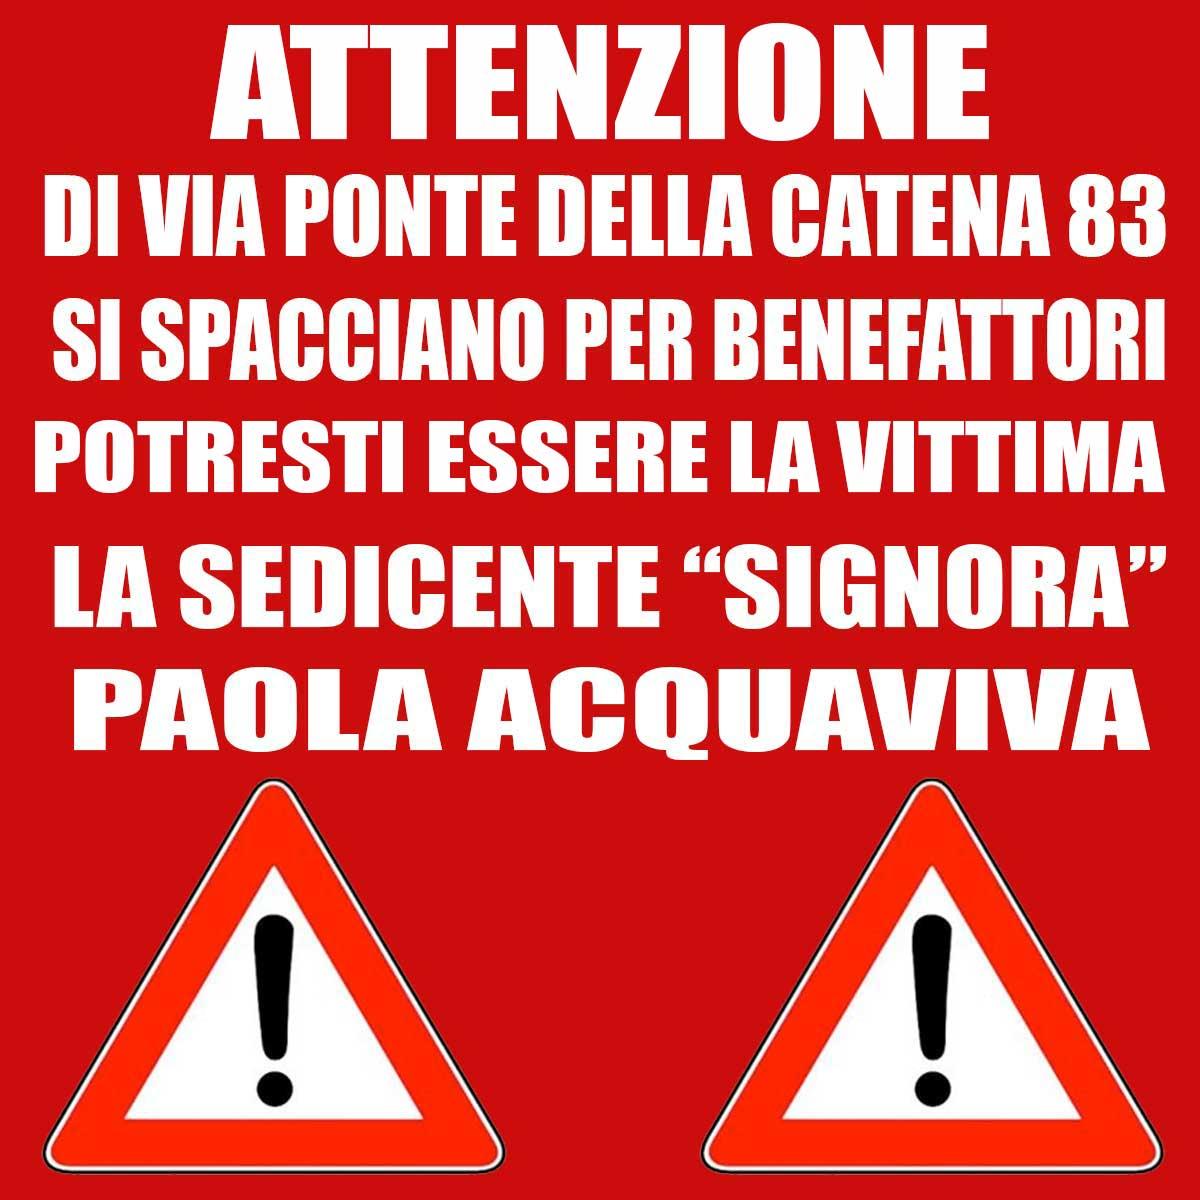 ATTENZIONE DI VIA PONTE DELLA CATENA 83 ATTENZIONE di via del ponte della catena 83 ROMA - PAOLA ACQUAVIVA